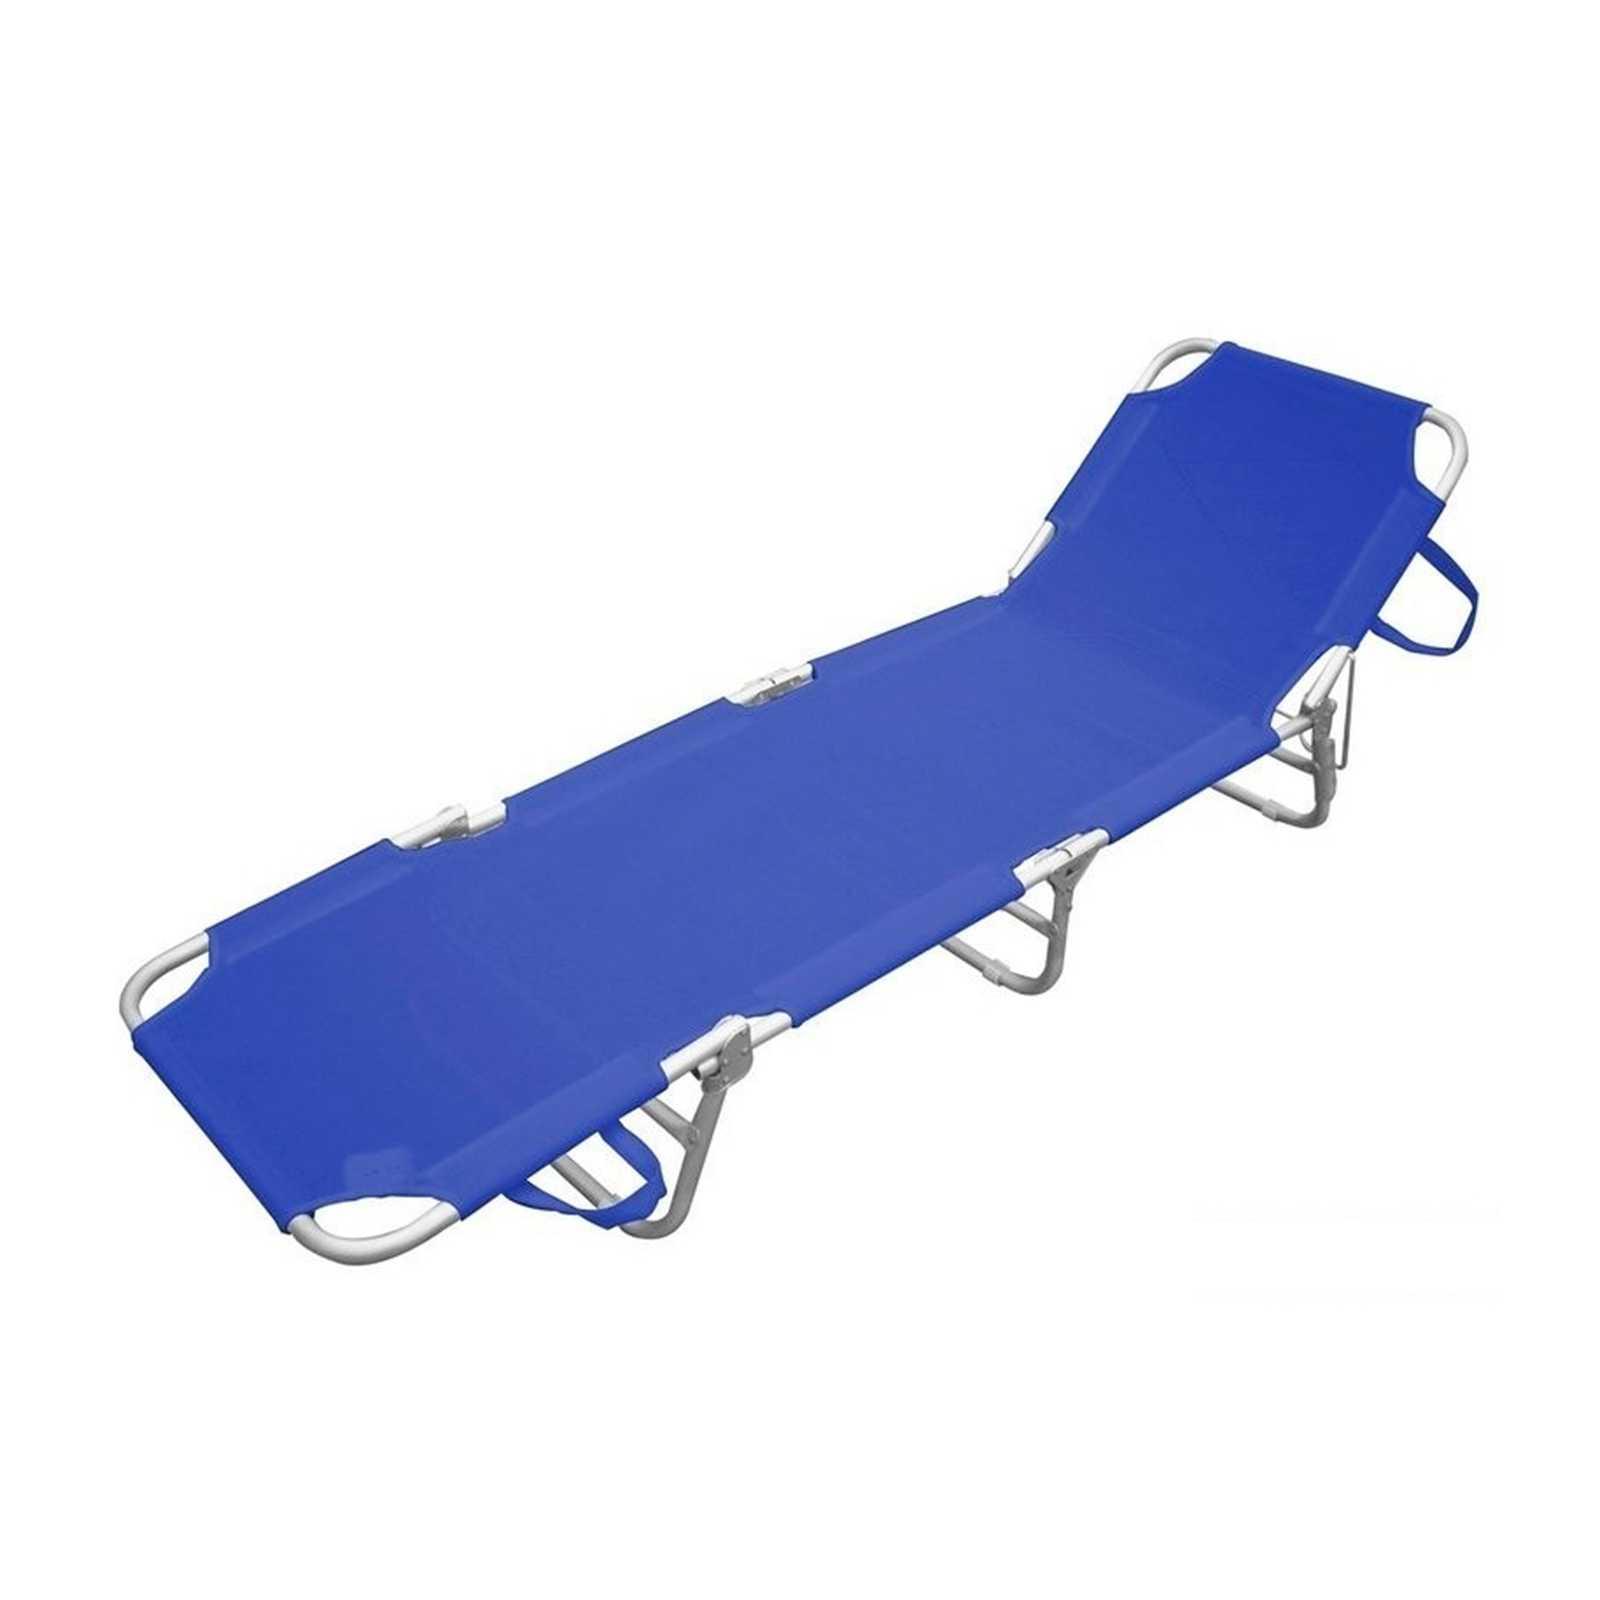 Lettino serie Playa struttura in alluminio satinato e textilene blu